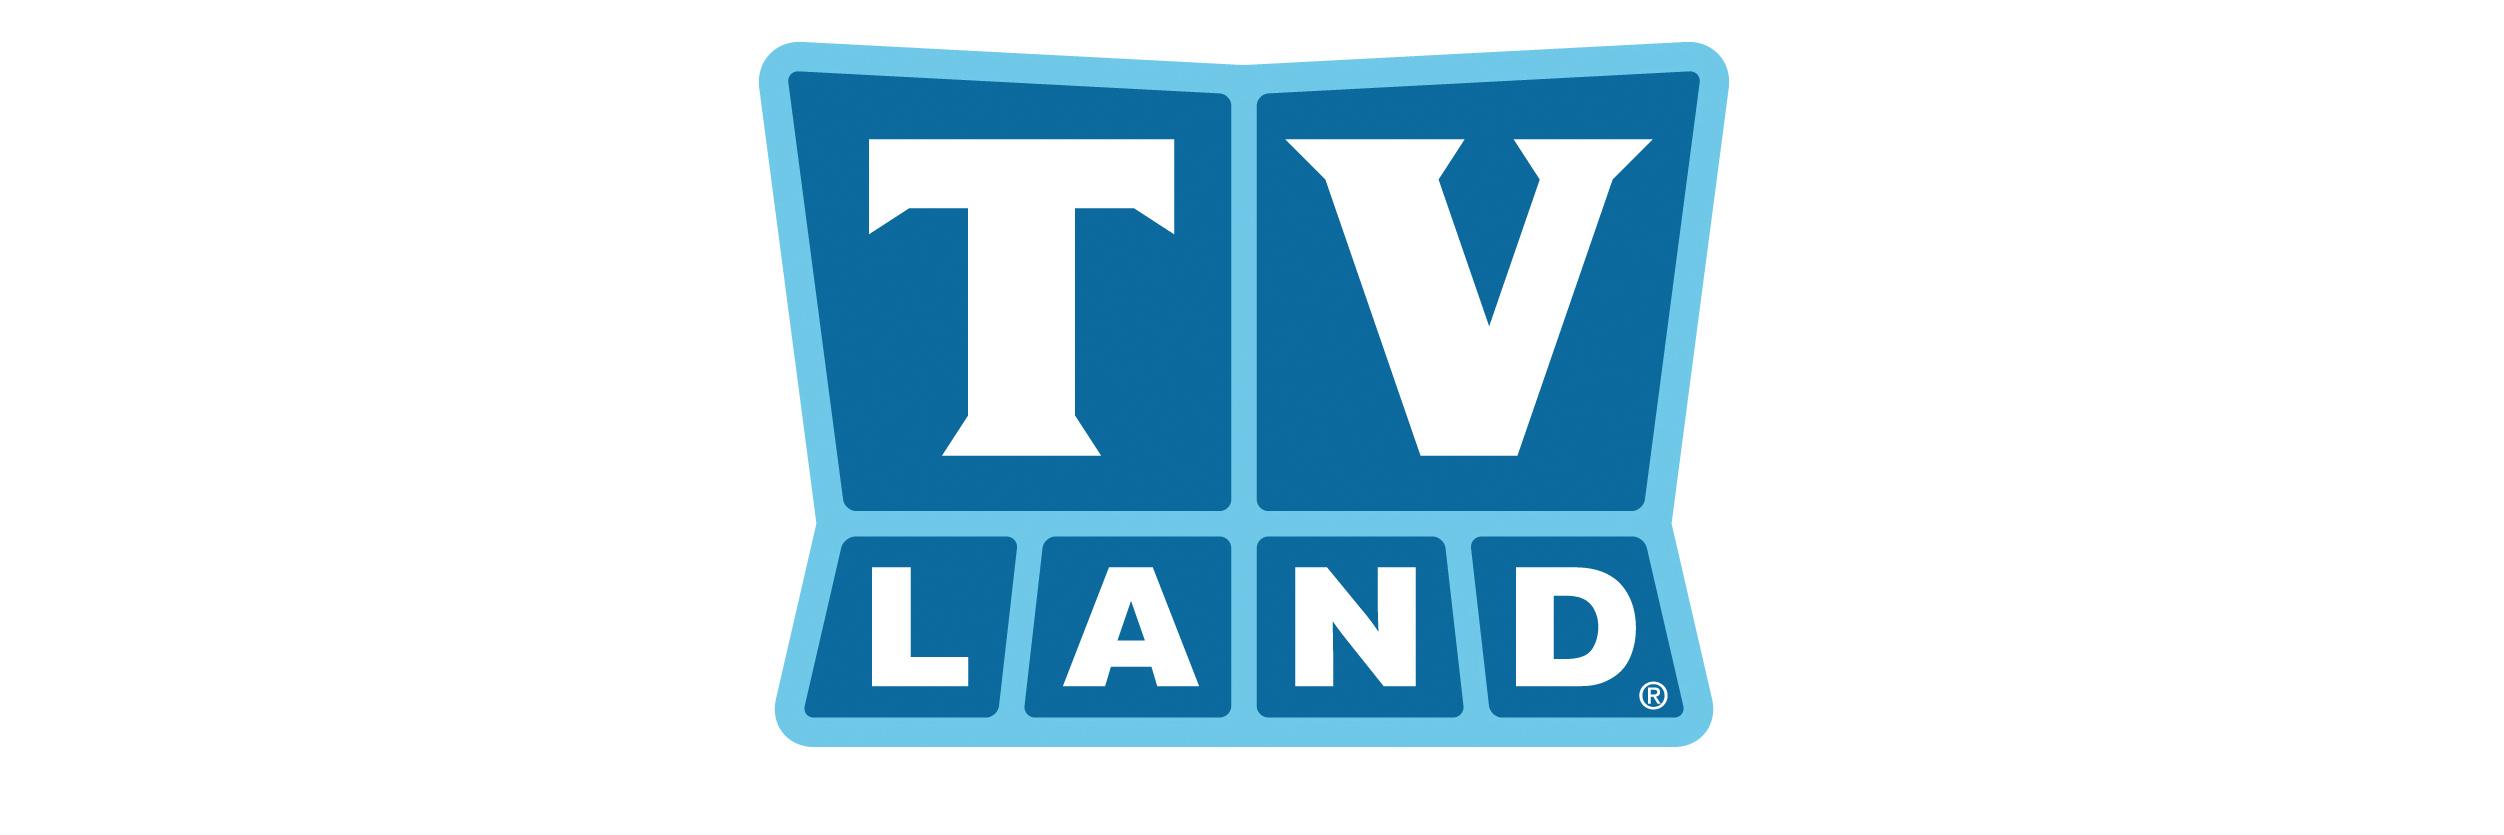 Divorced (TV Land) – Canceled Hot in Cleveland (TV Land) – Renewed